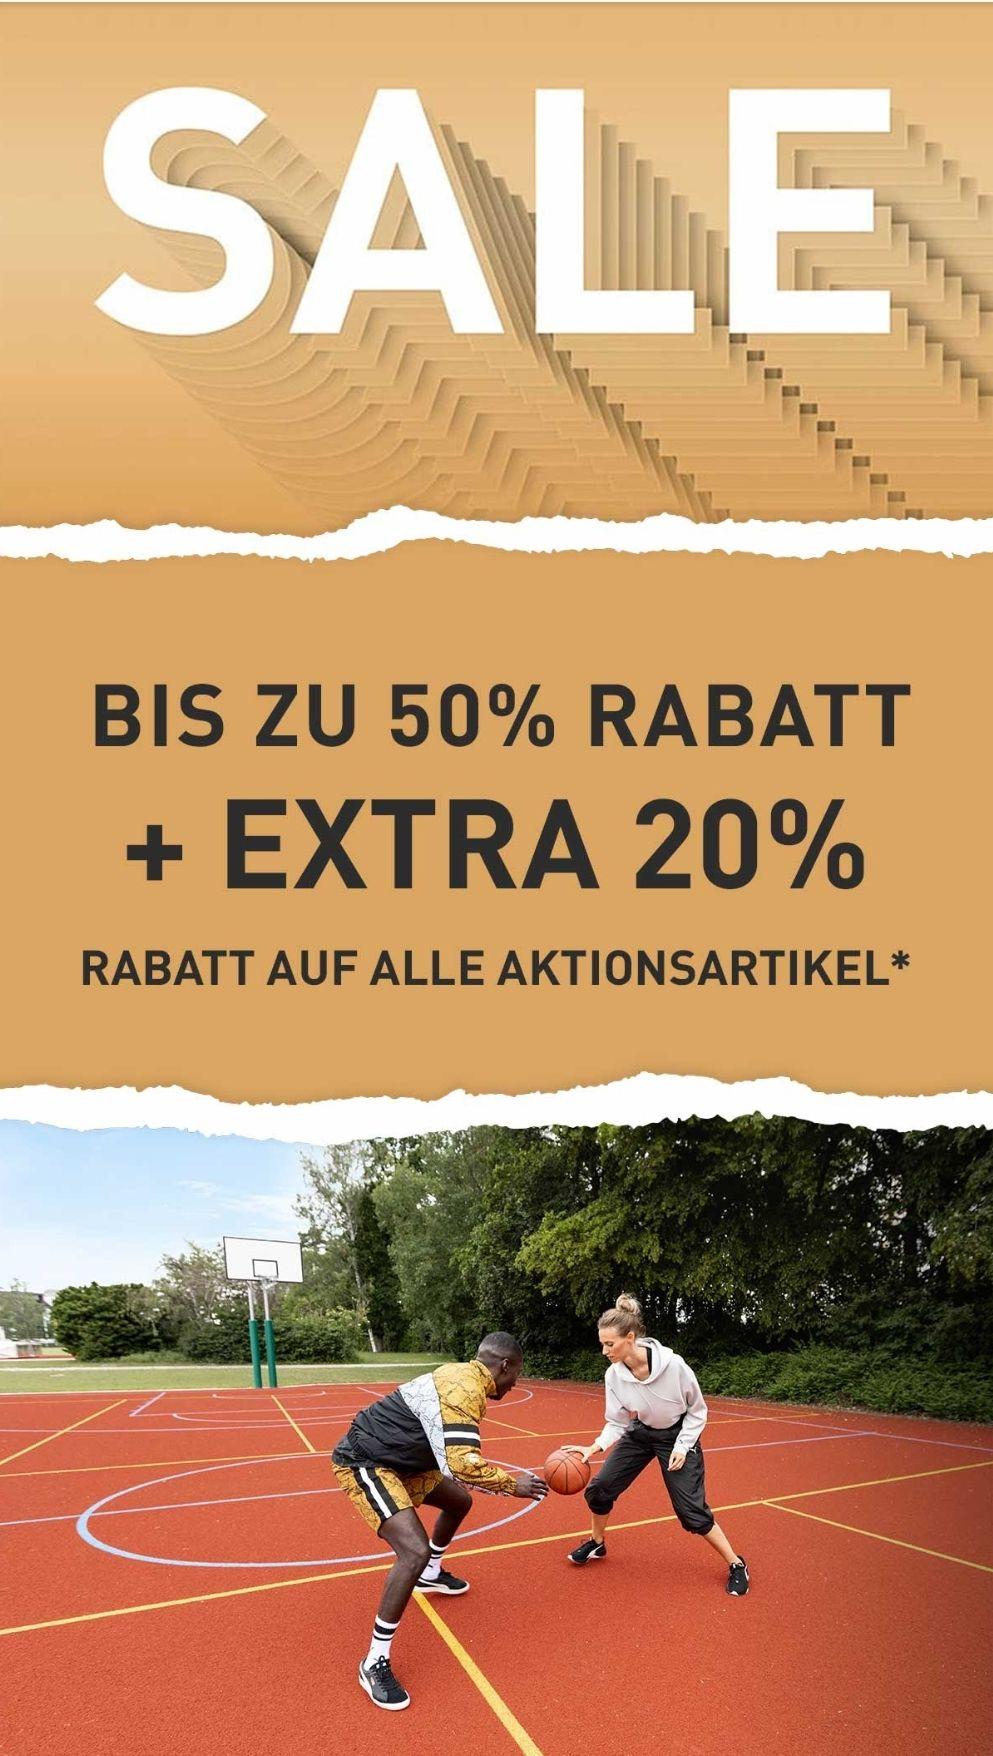 [Puma] Bis zu 50% Rabatt + 20% EXTRA